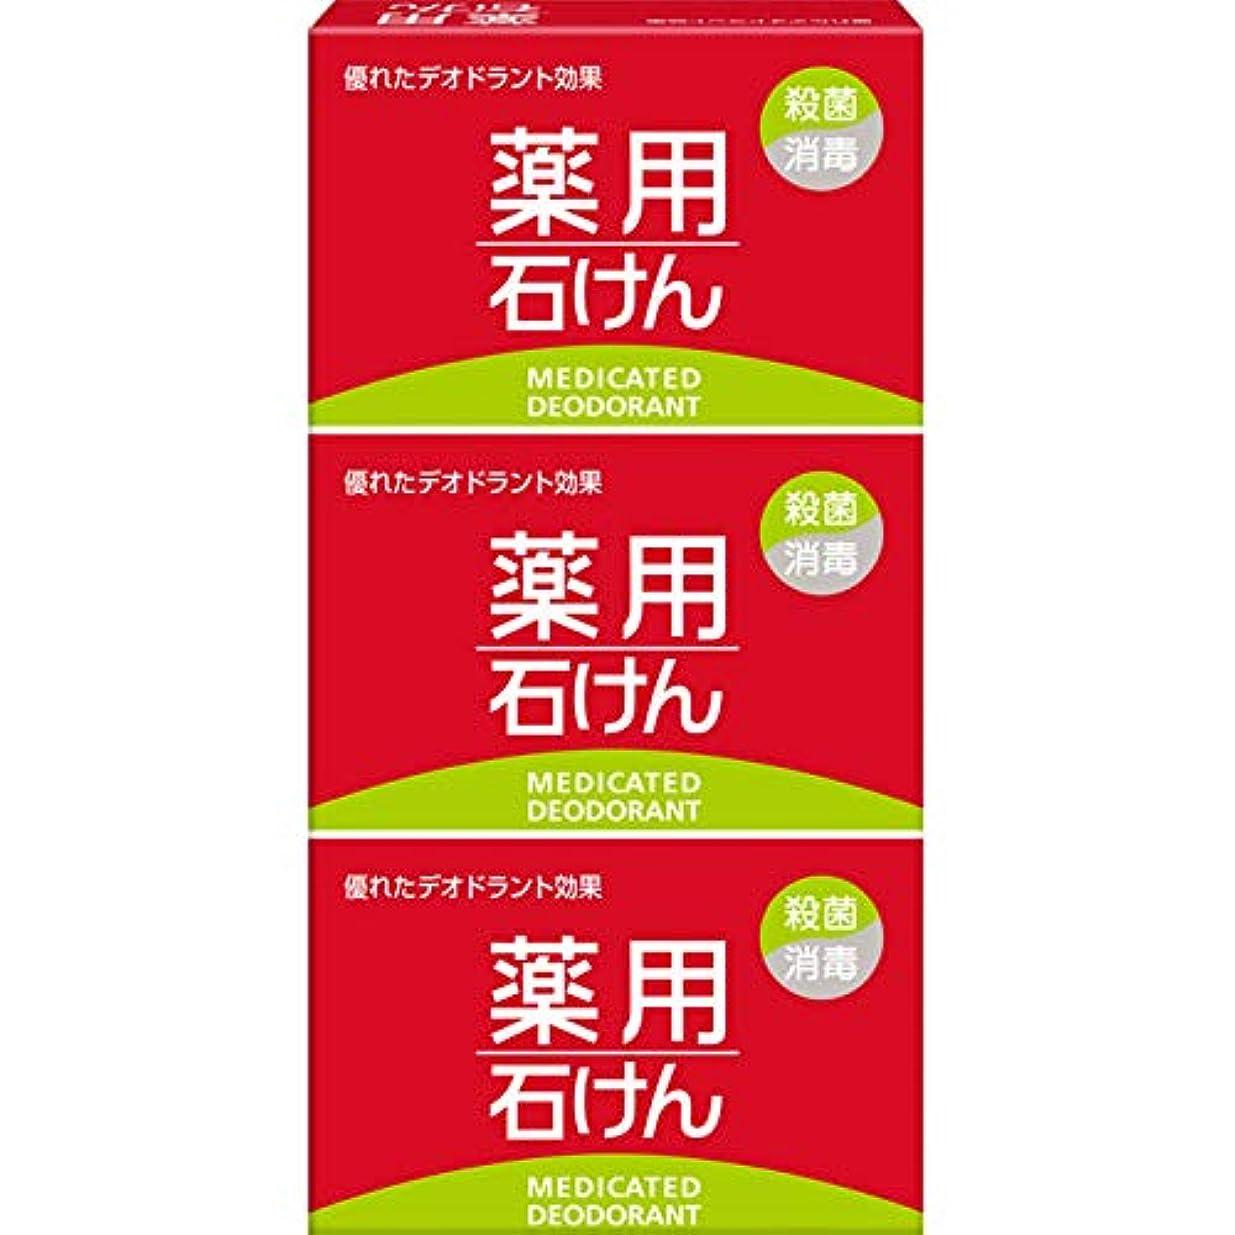 生きるホイップ哺乳類薬用石けん 100g×3個 (医薬部外品)